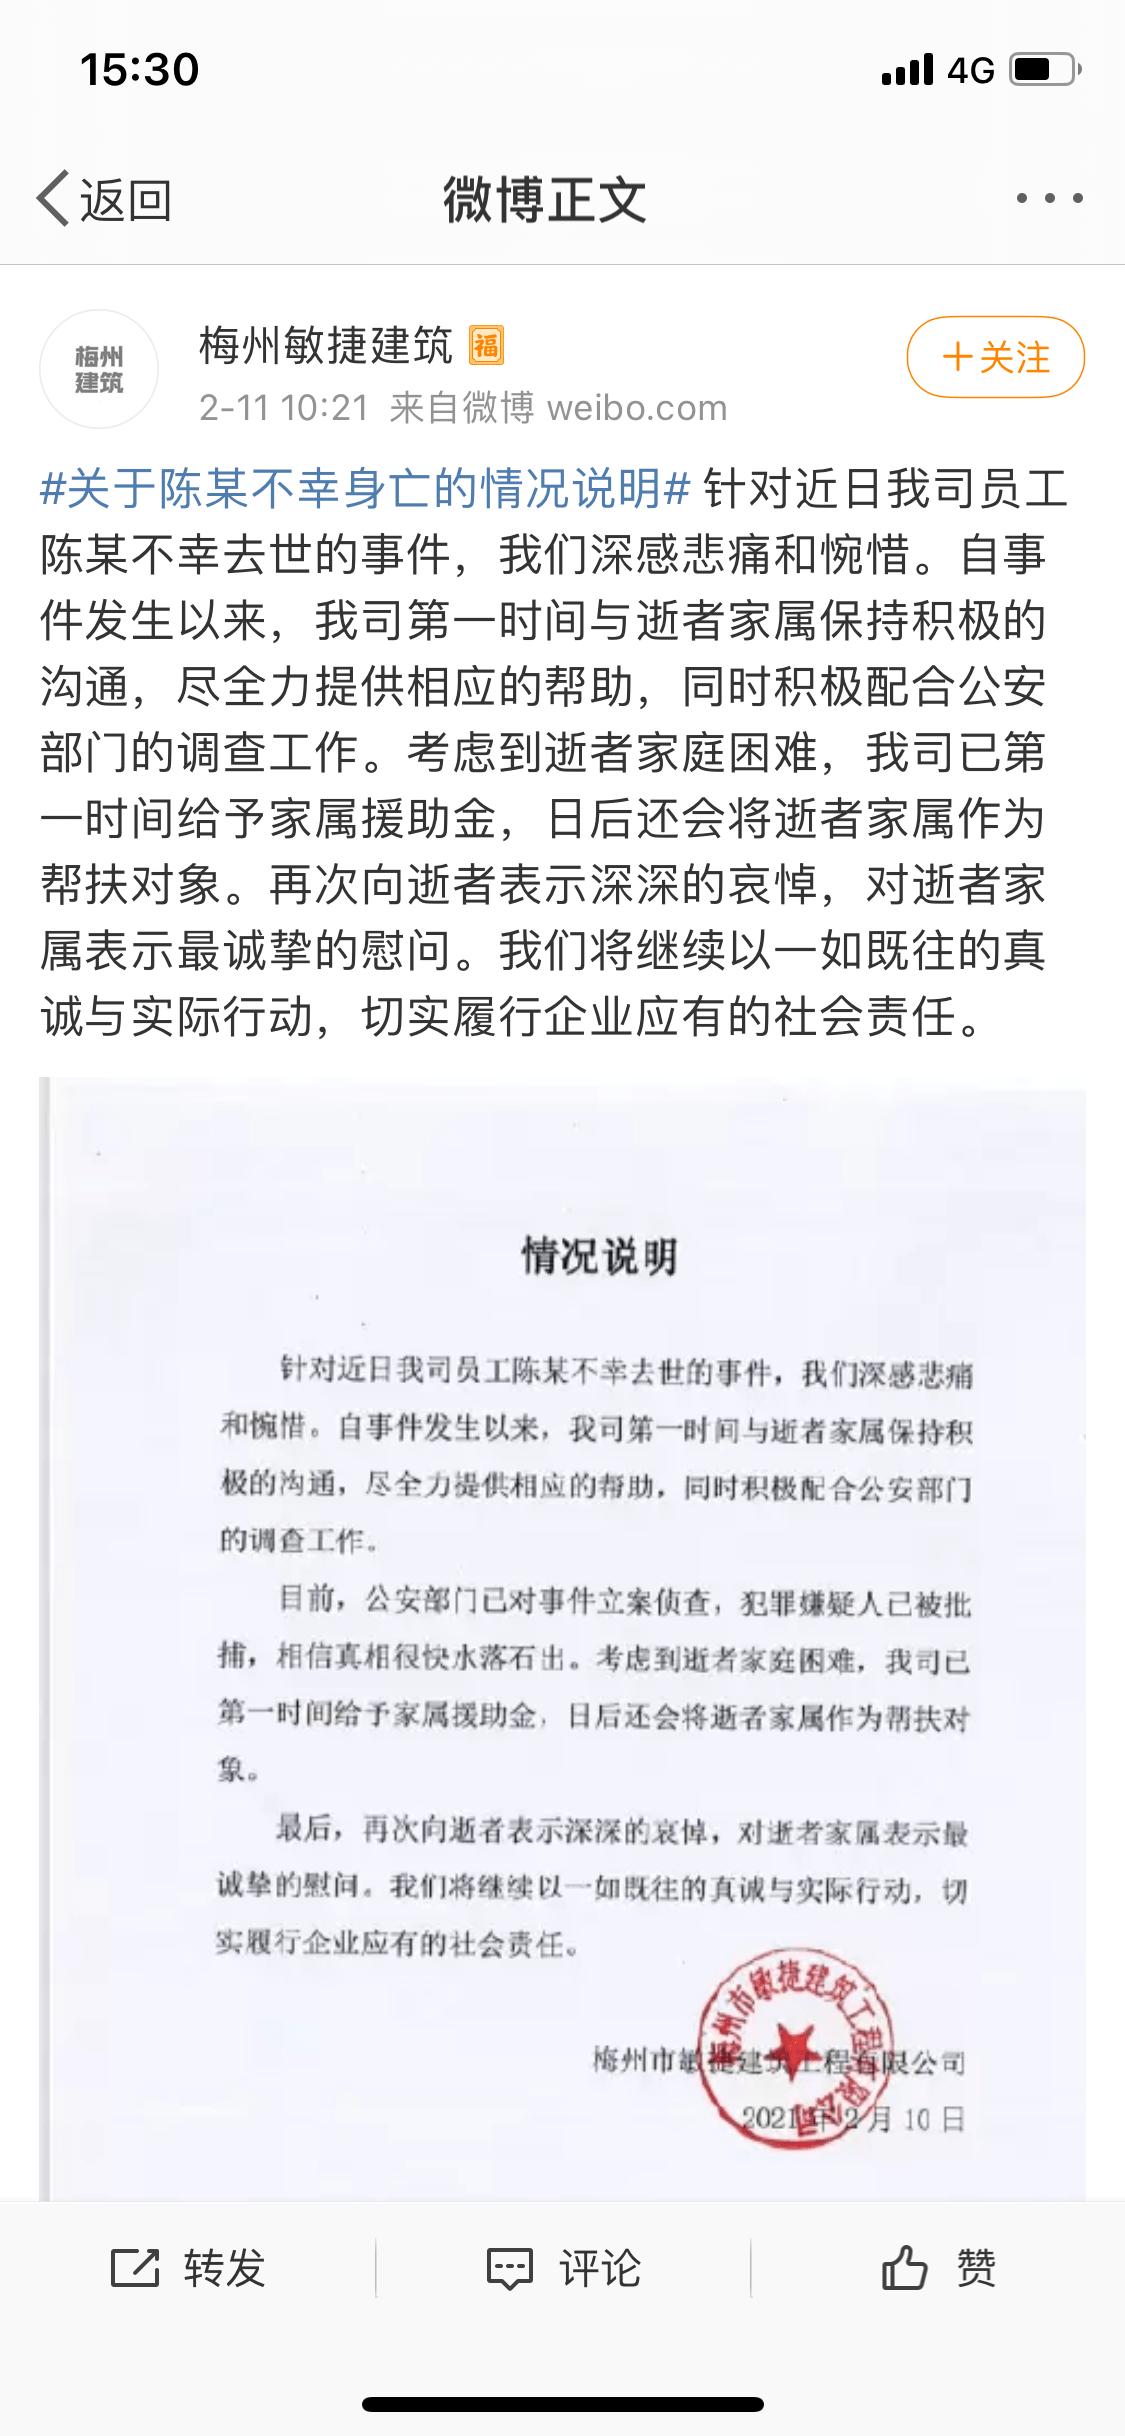 网民找跑腿郑州市地铁2号线送花,跑腿:提交订单许多,因为我买一束